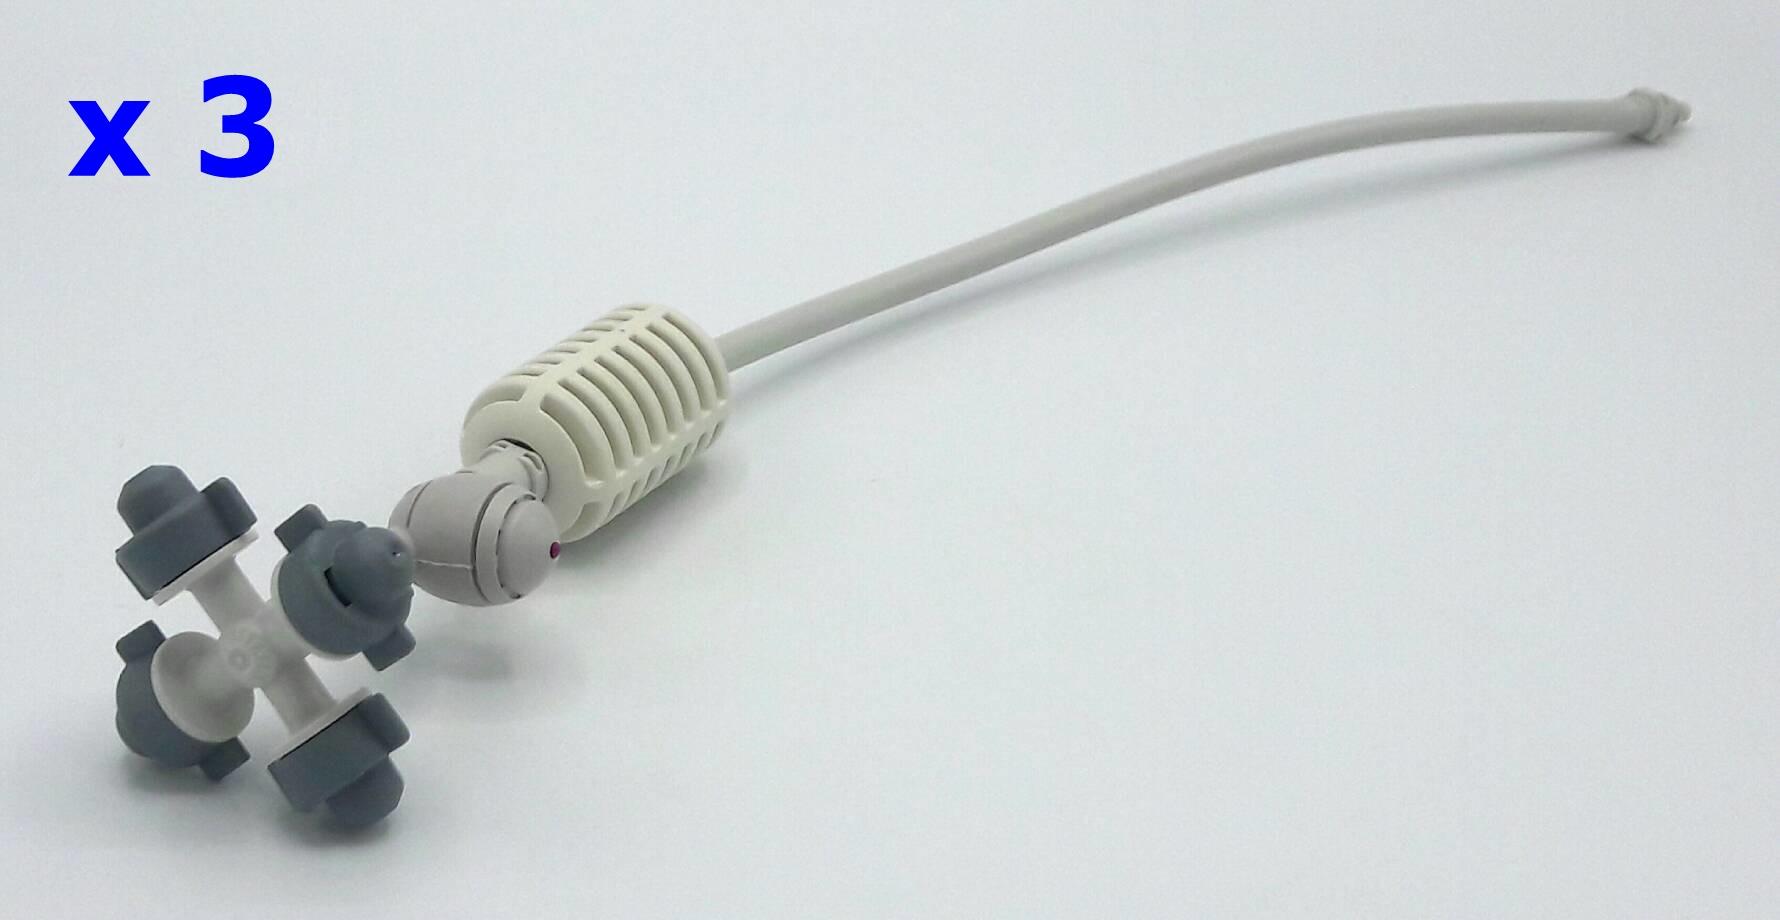 หัวพ่นหมอก 4 ทาง เนต้าฟิล์ม 0.6 มม. สายยาว 32 ซม. แบบเสียบกับท่อ PE ( NATAFIM ) X 3